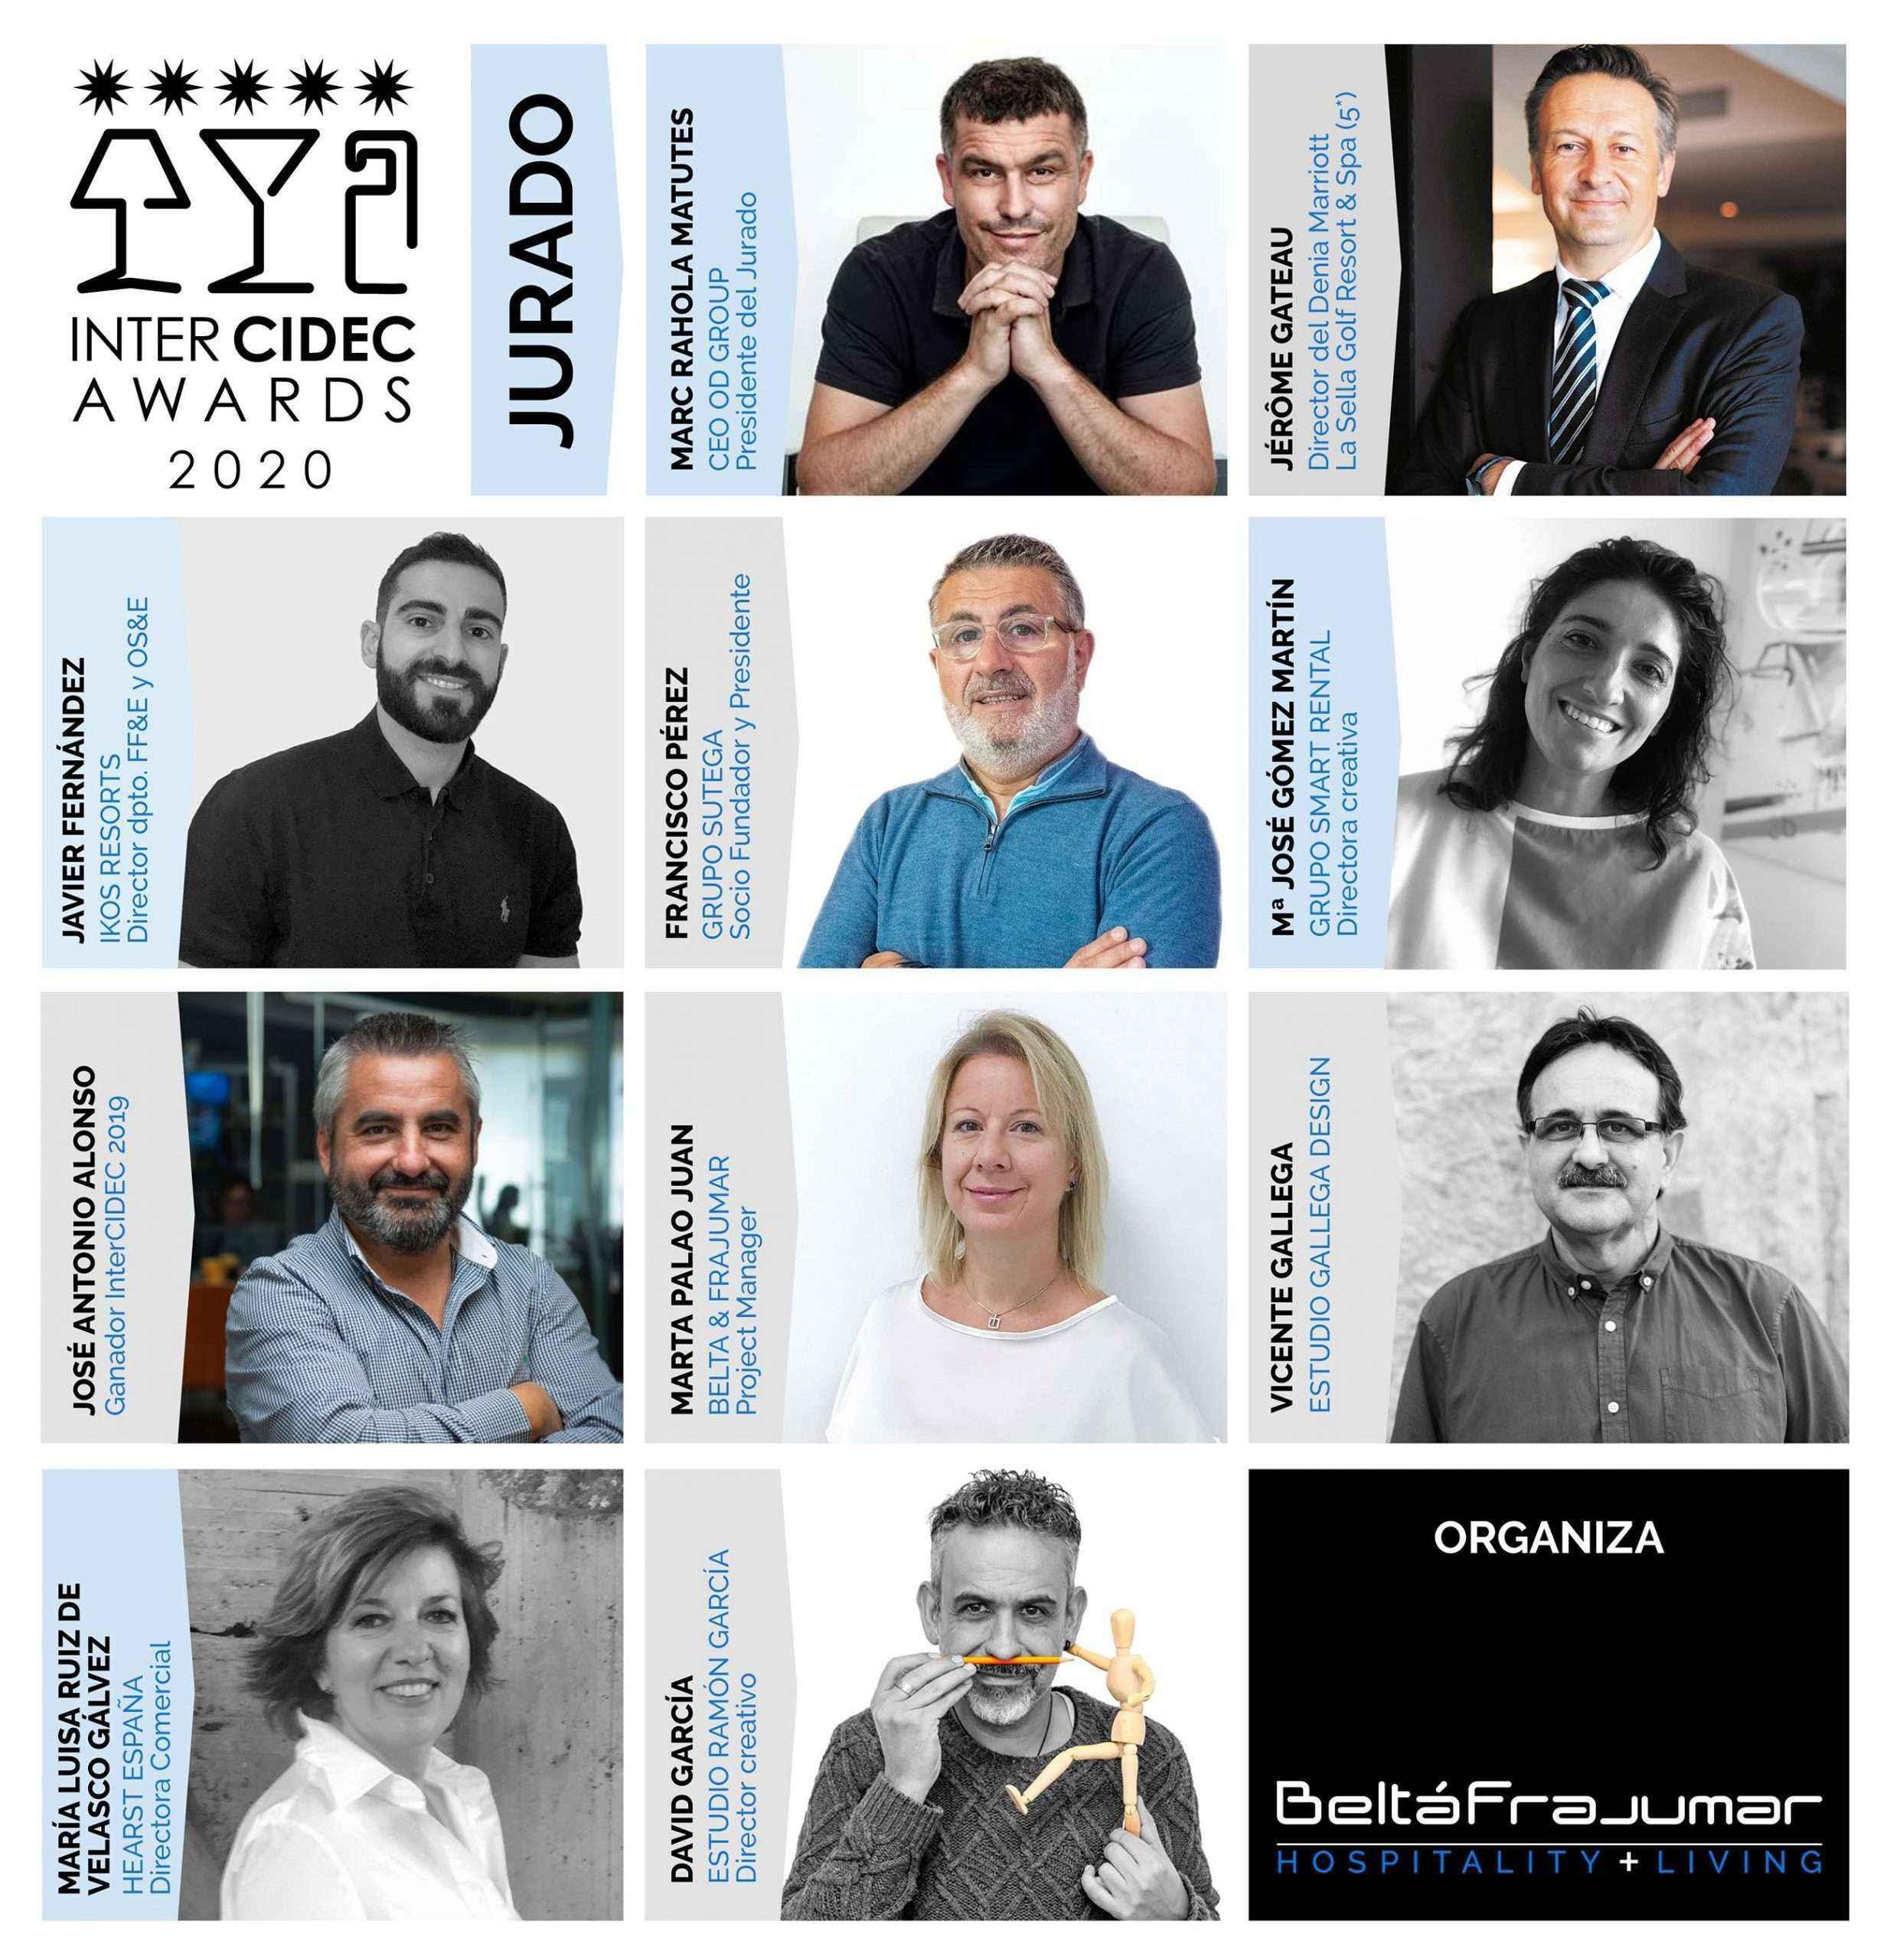 Marc Rahola preside el jurado de los Premios de Interiorismo InterCIDEC 2020 organizados por Beltá Frajumar